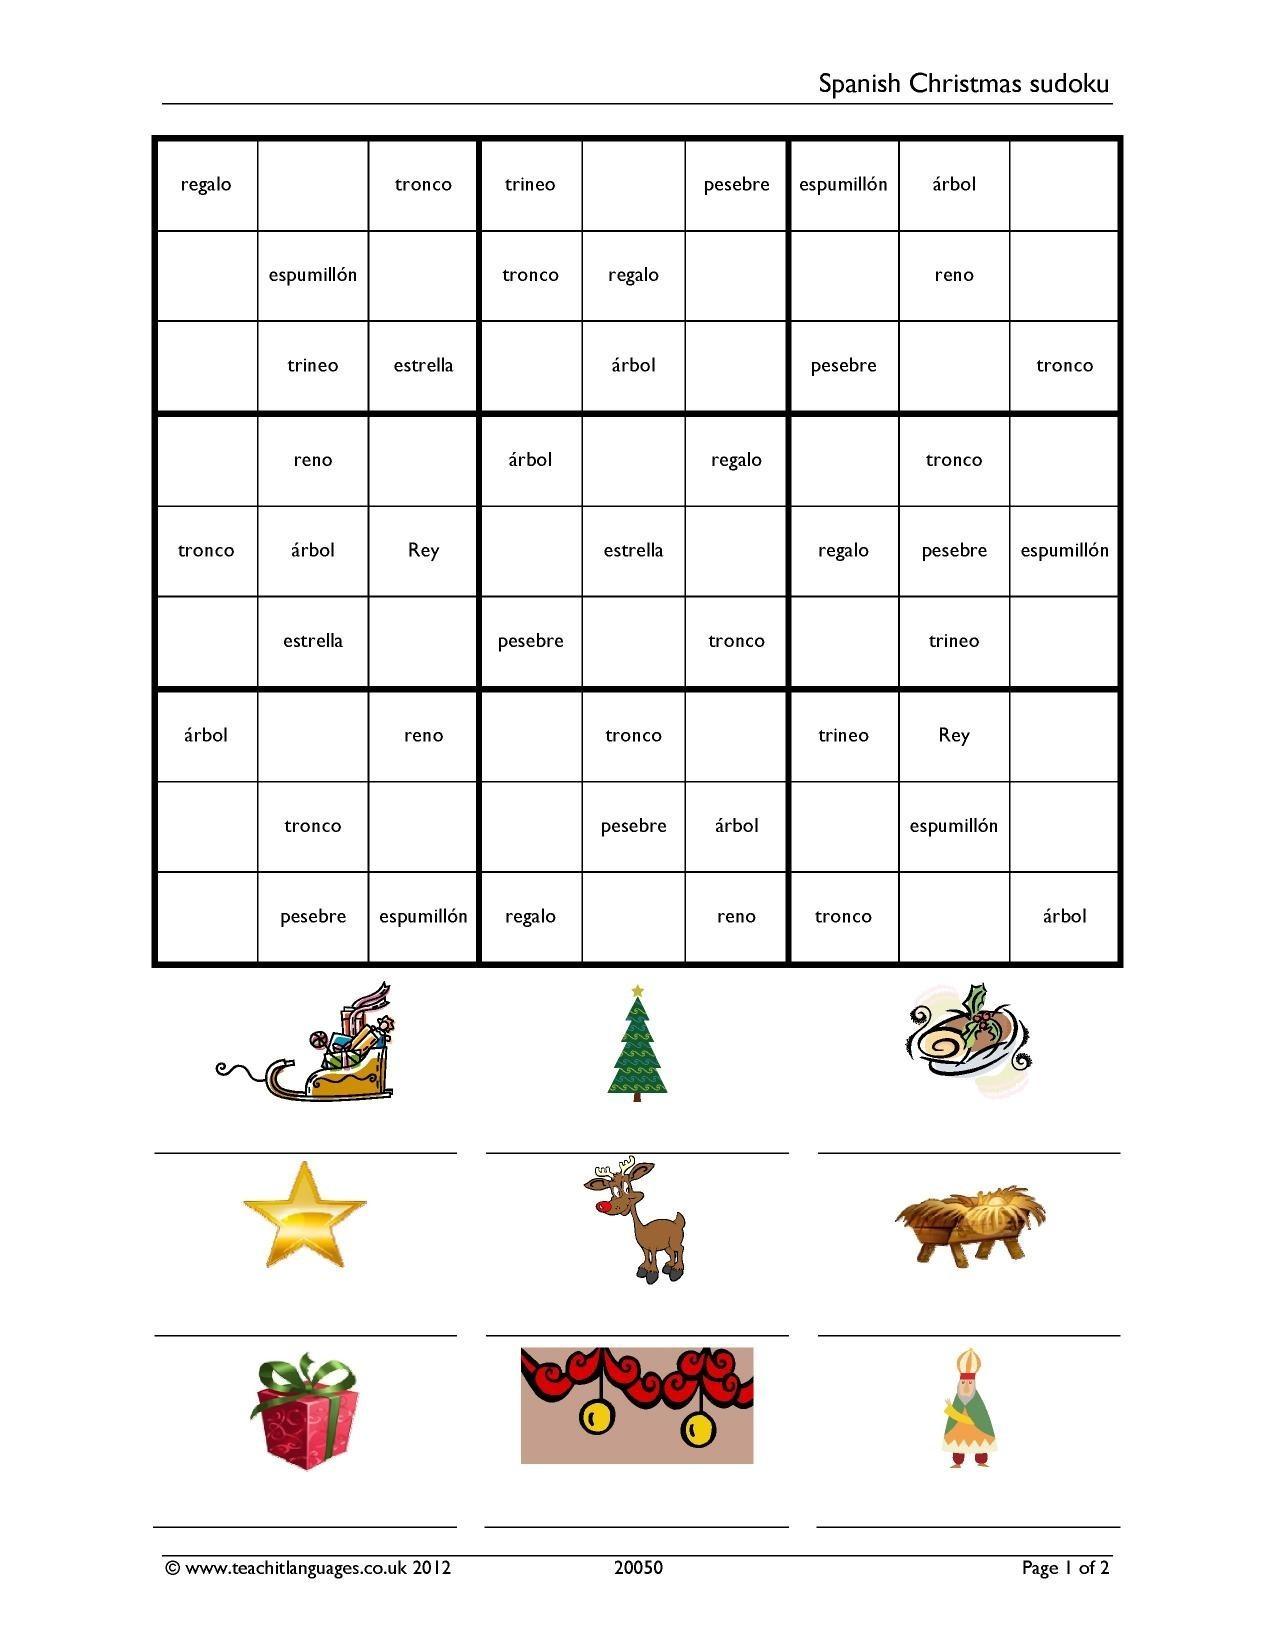 calendario colombia 2019 para imprimir mas populares esto es exactamente imprimir calendario desde word of calendario colombia 2019 para imprimir